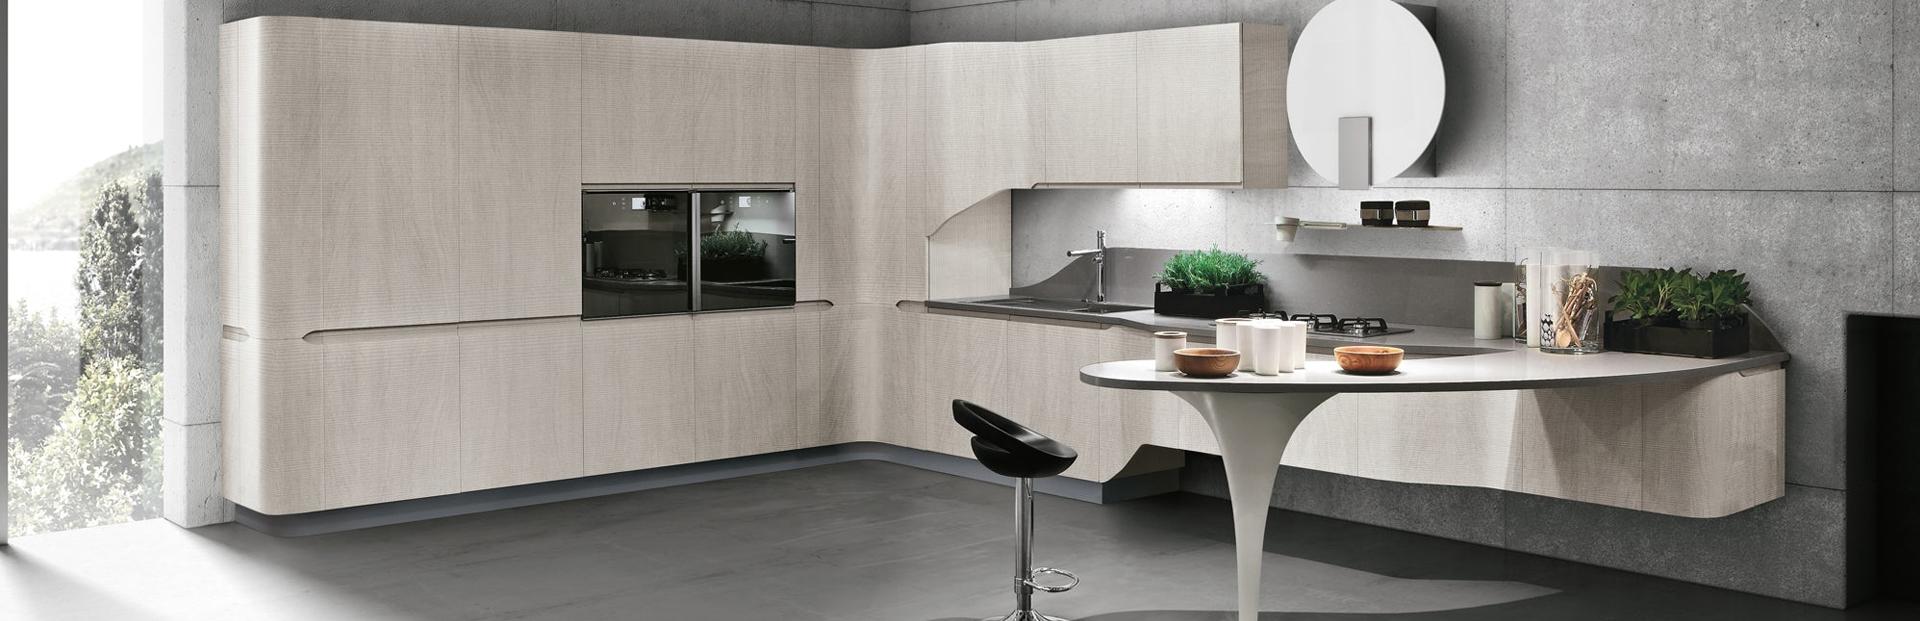 Cucine Moderne Lecce.Cucine Classiche A Lecce E Provincia Foto